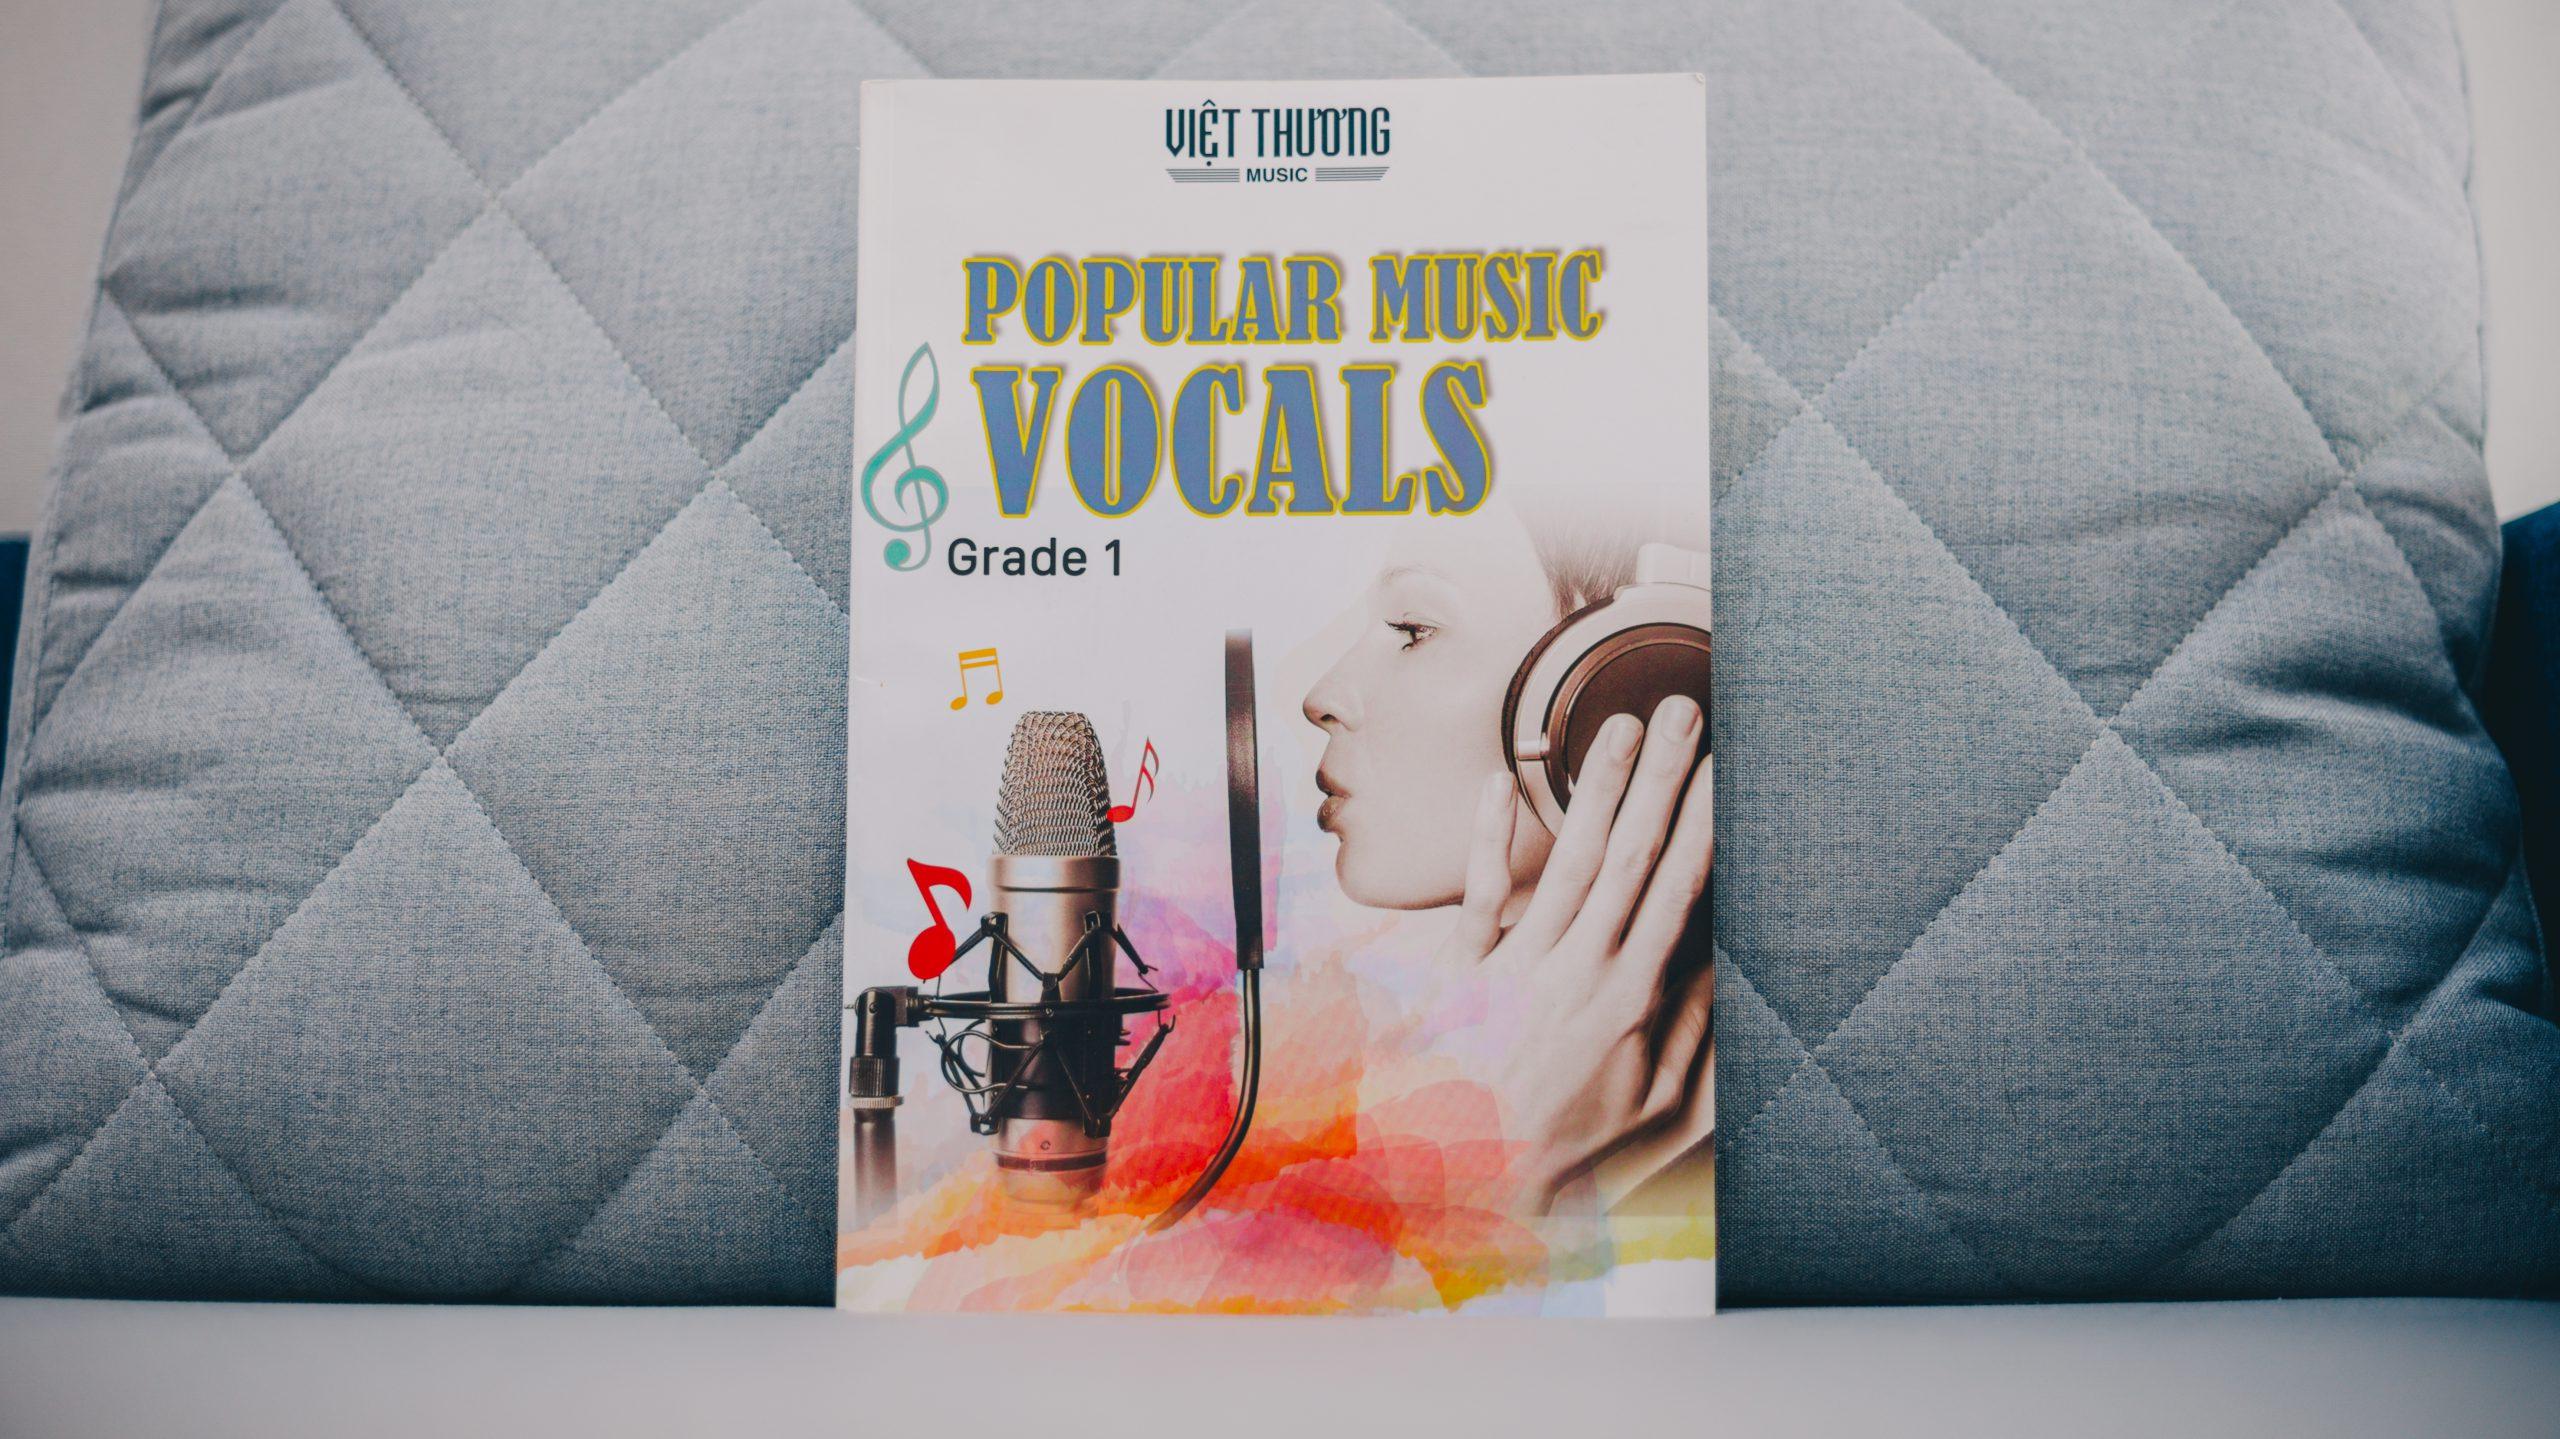 Giáo trình khóa học Vocals (Thanh nhạc) tại Việt Thương Music